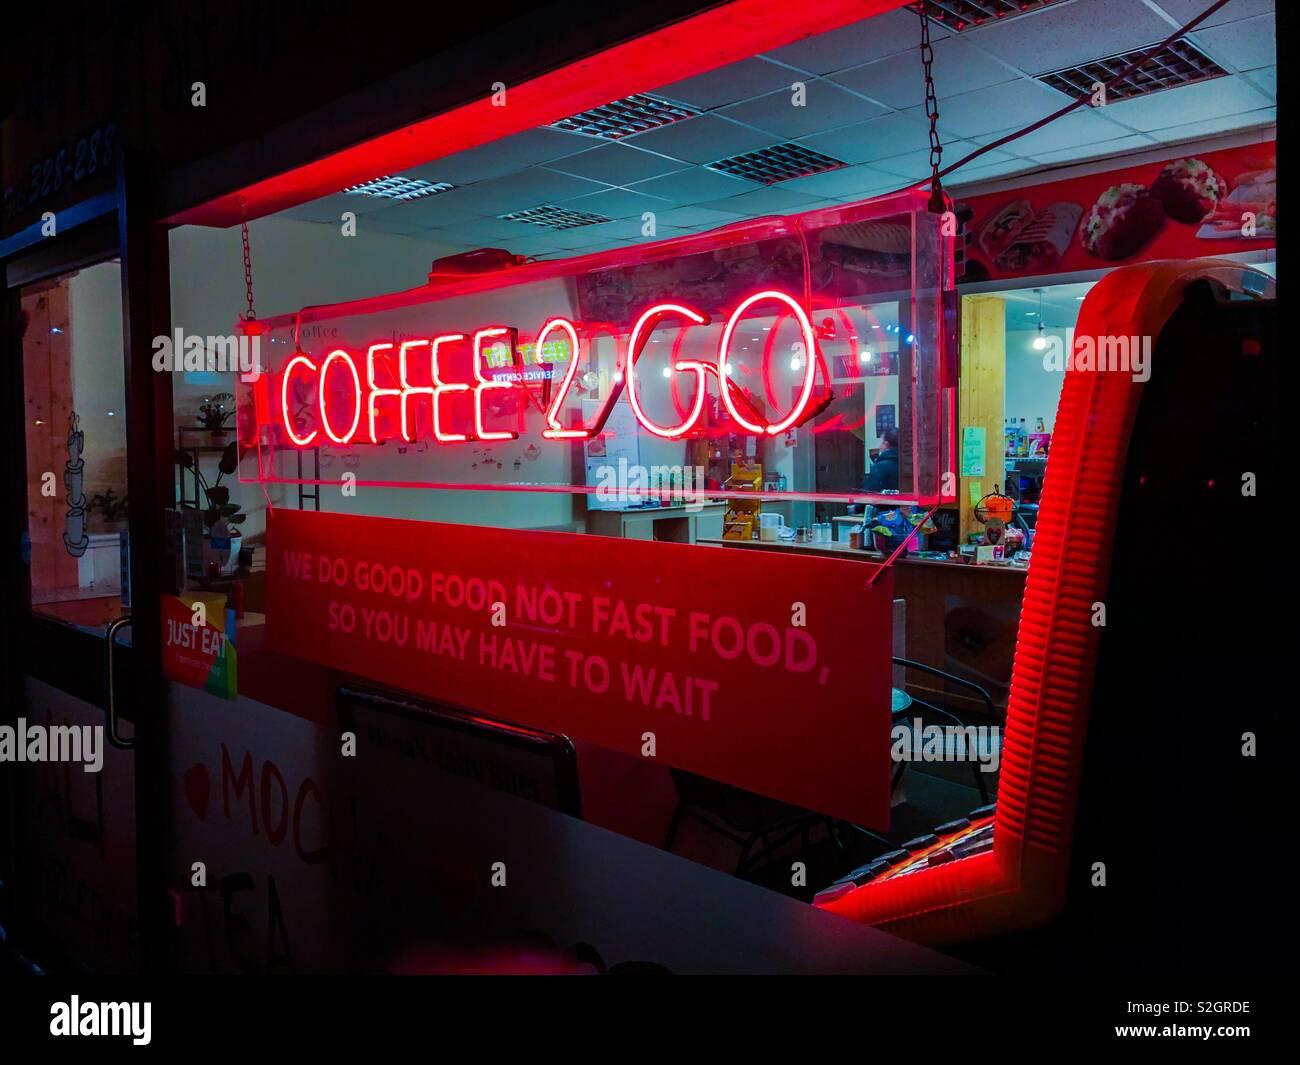 Caffè 2 Go insegna al neon. Glasgow. La Scozia. Regno Unito. Foto Stock